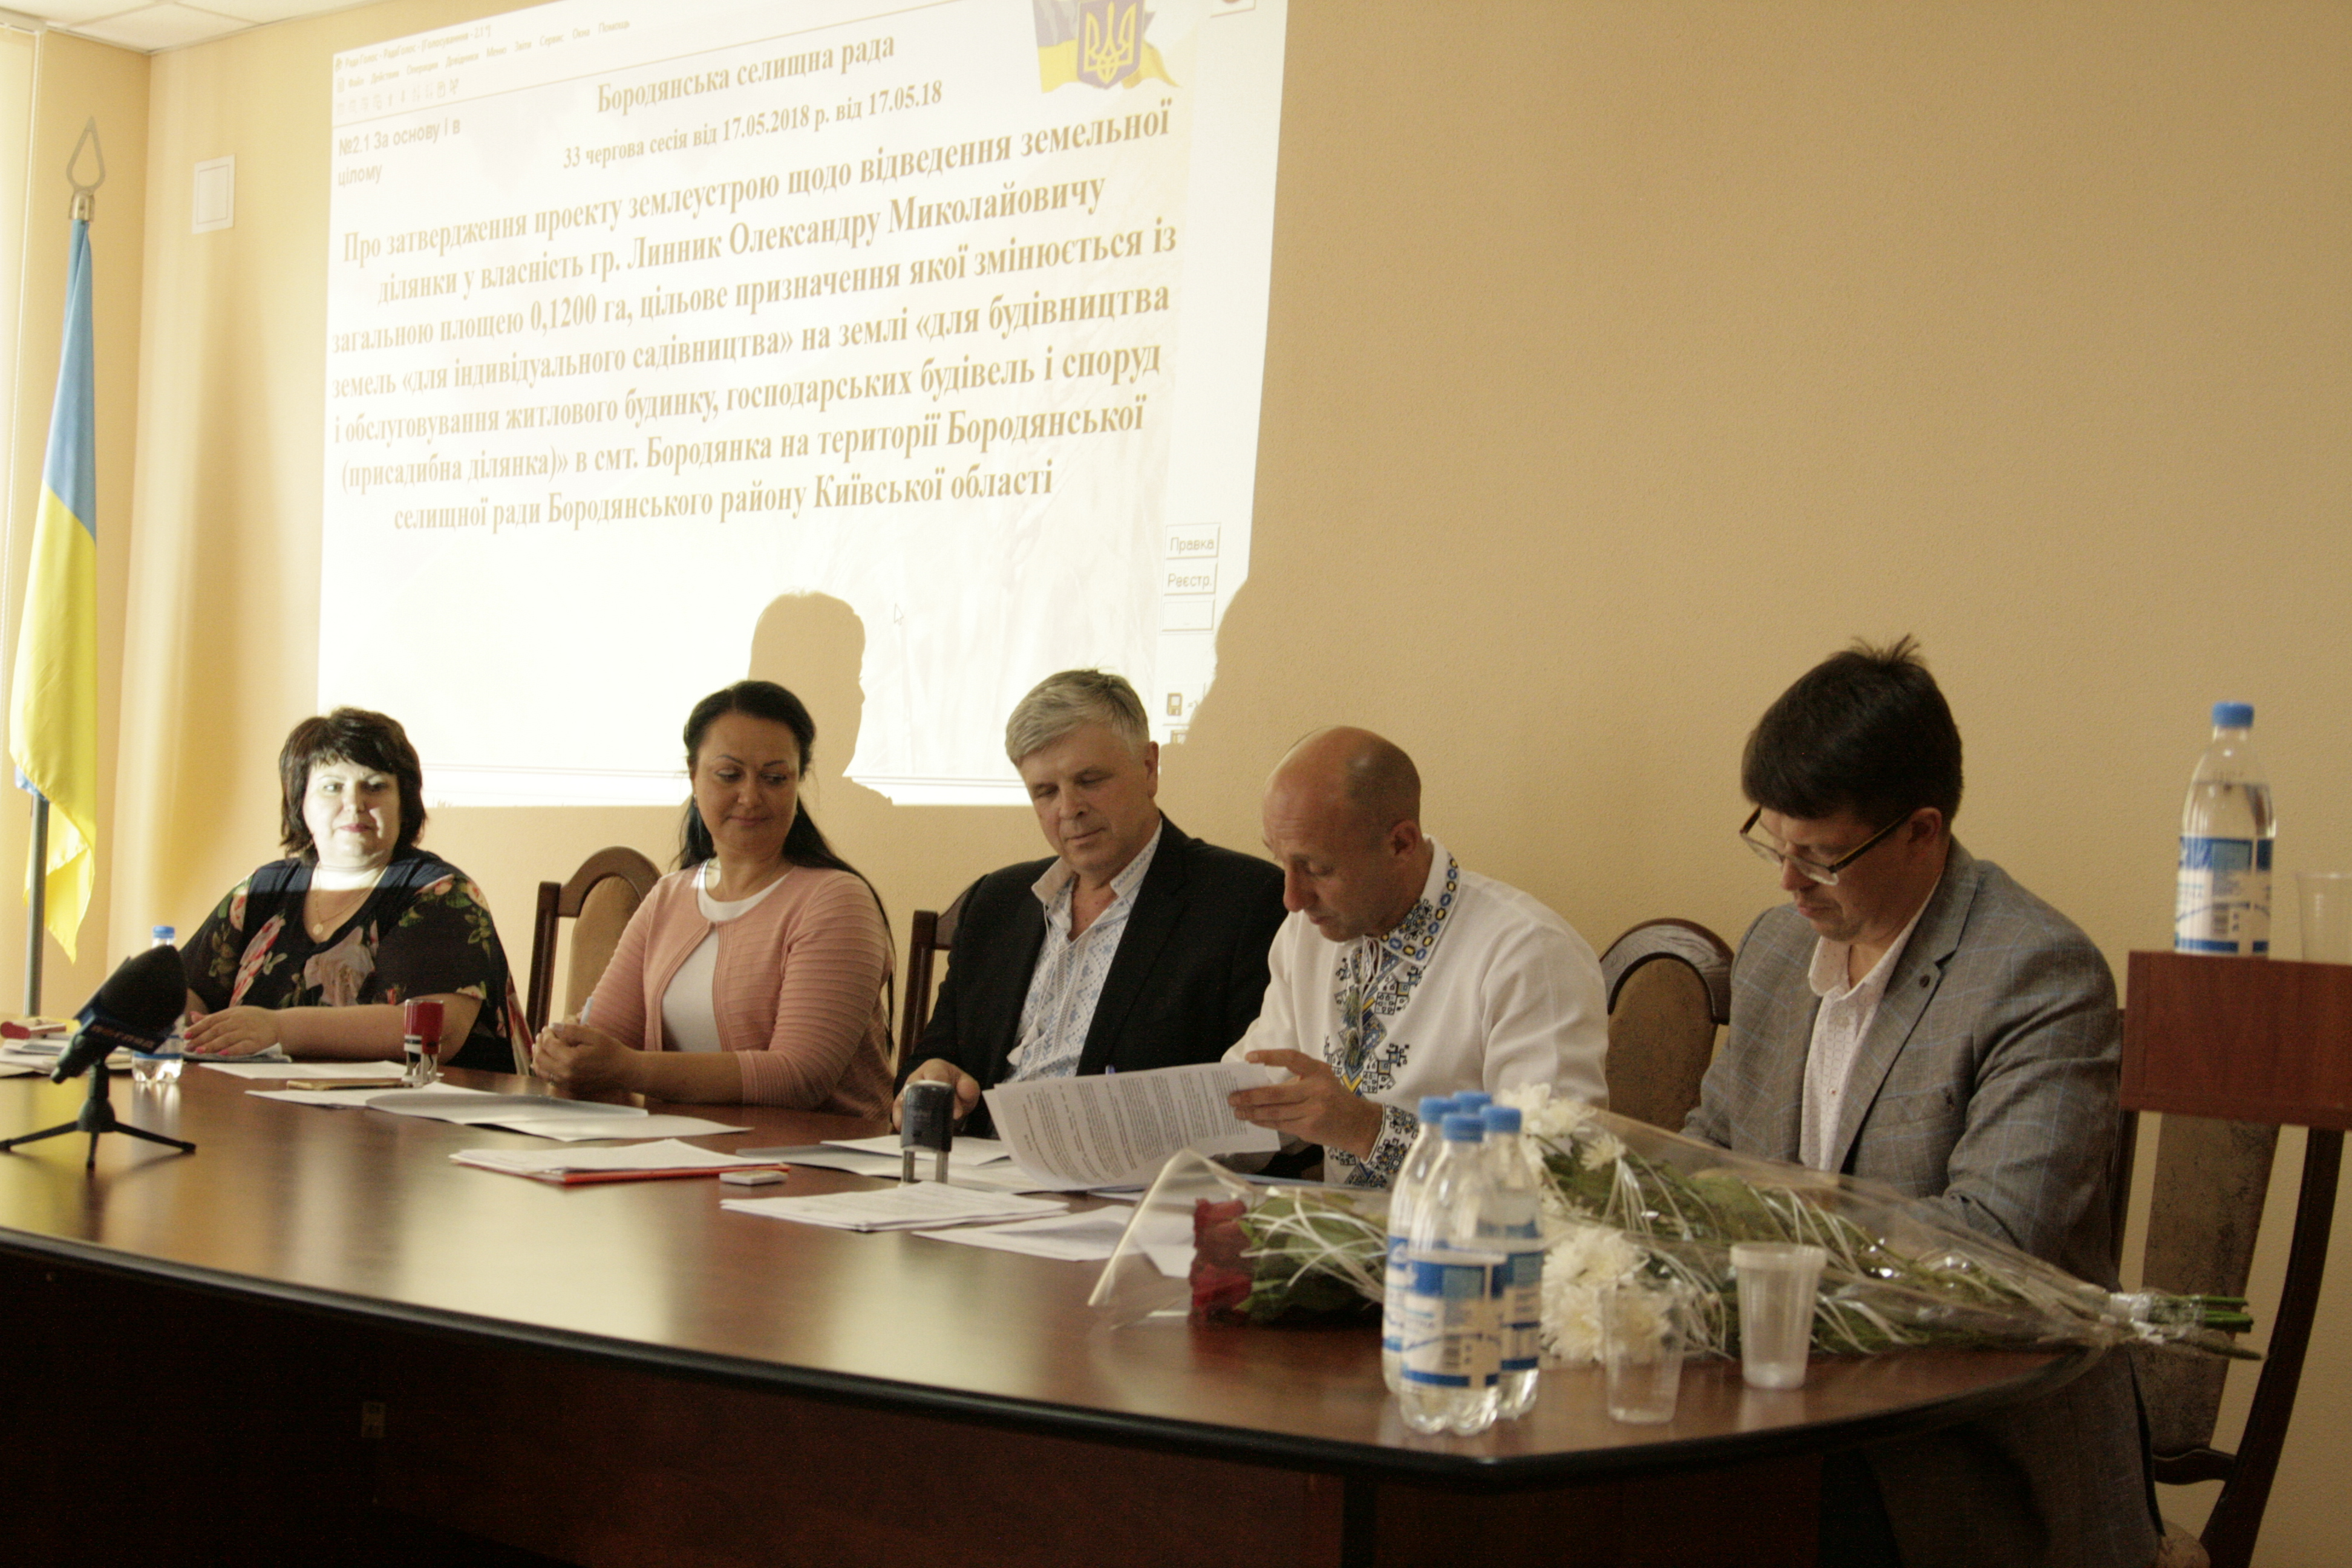 На сесії Бородянської селищної ради підписано Меморандум про партнерство з Програмою розвитку ООН в Україні - сесія, ПРООН, ОлександрСахарук, Меморандум, Бородянський район, Бородянська селищна рада, Бородянка - MG 2909